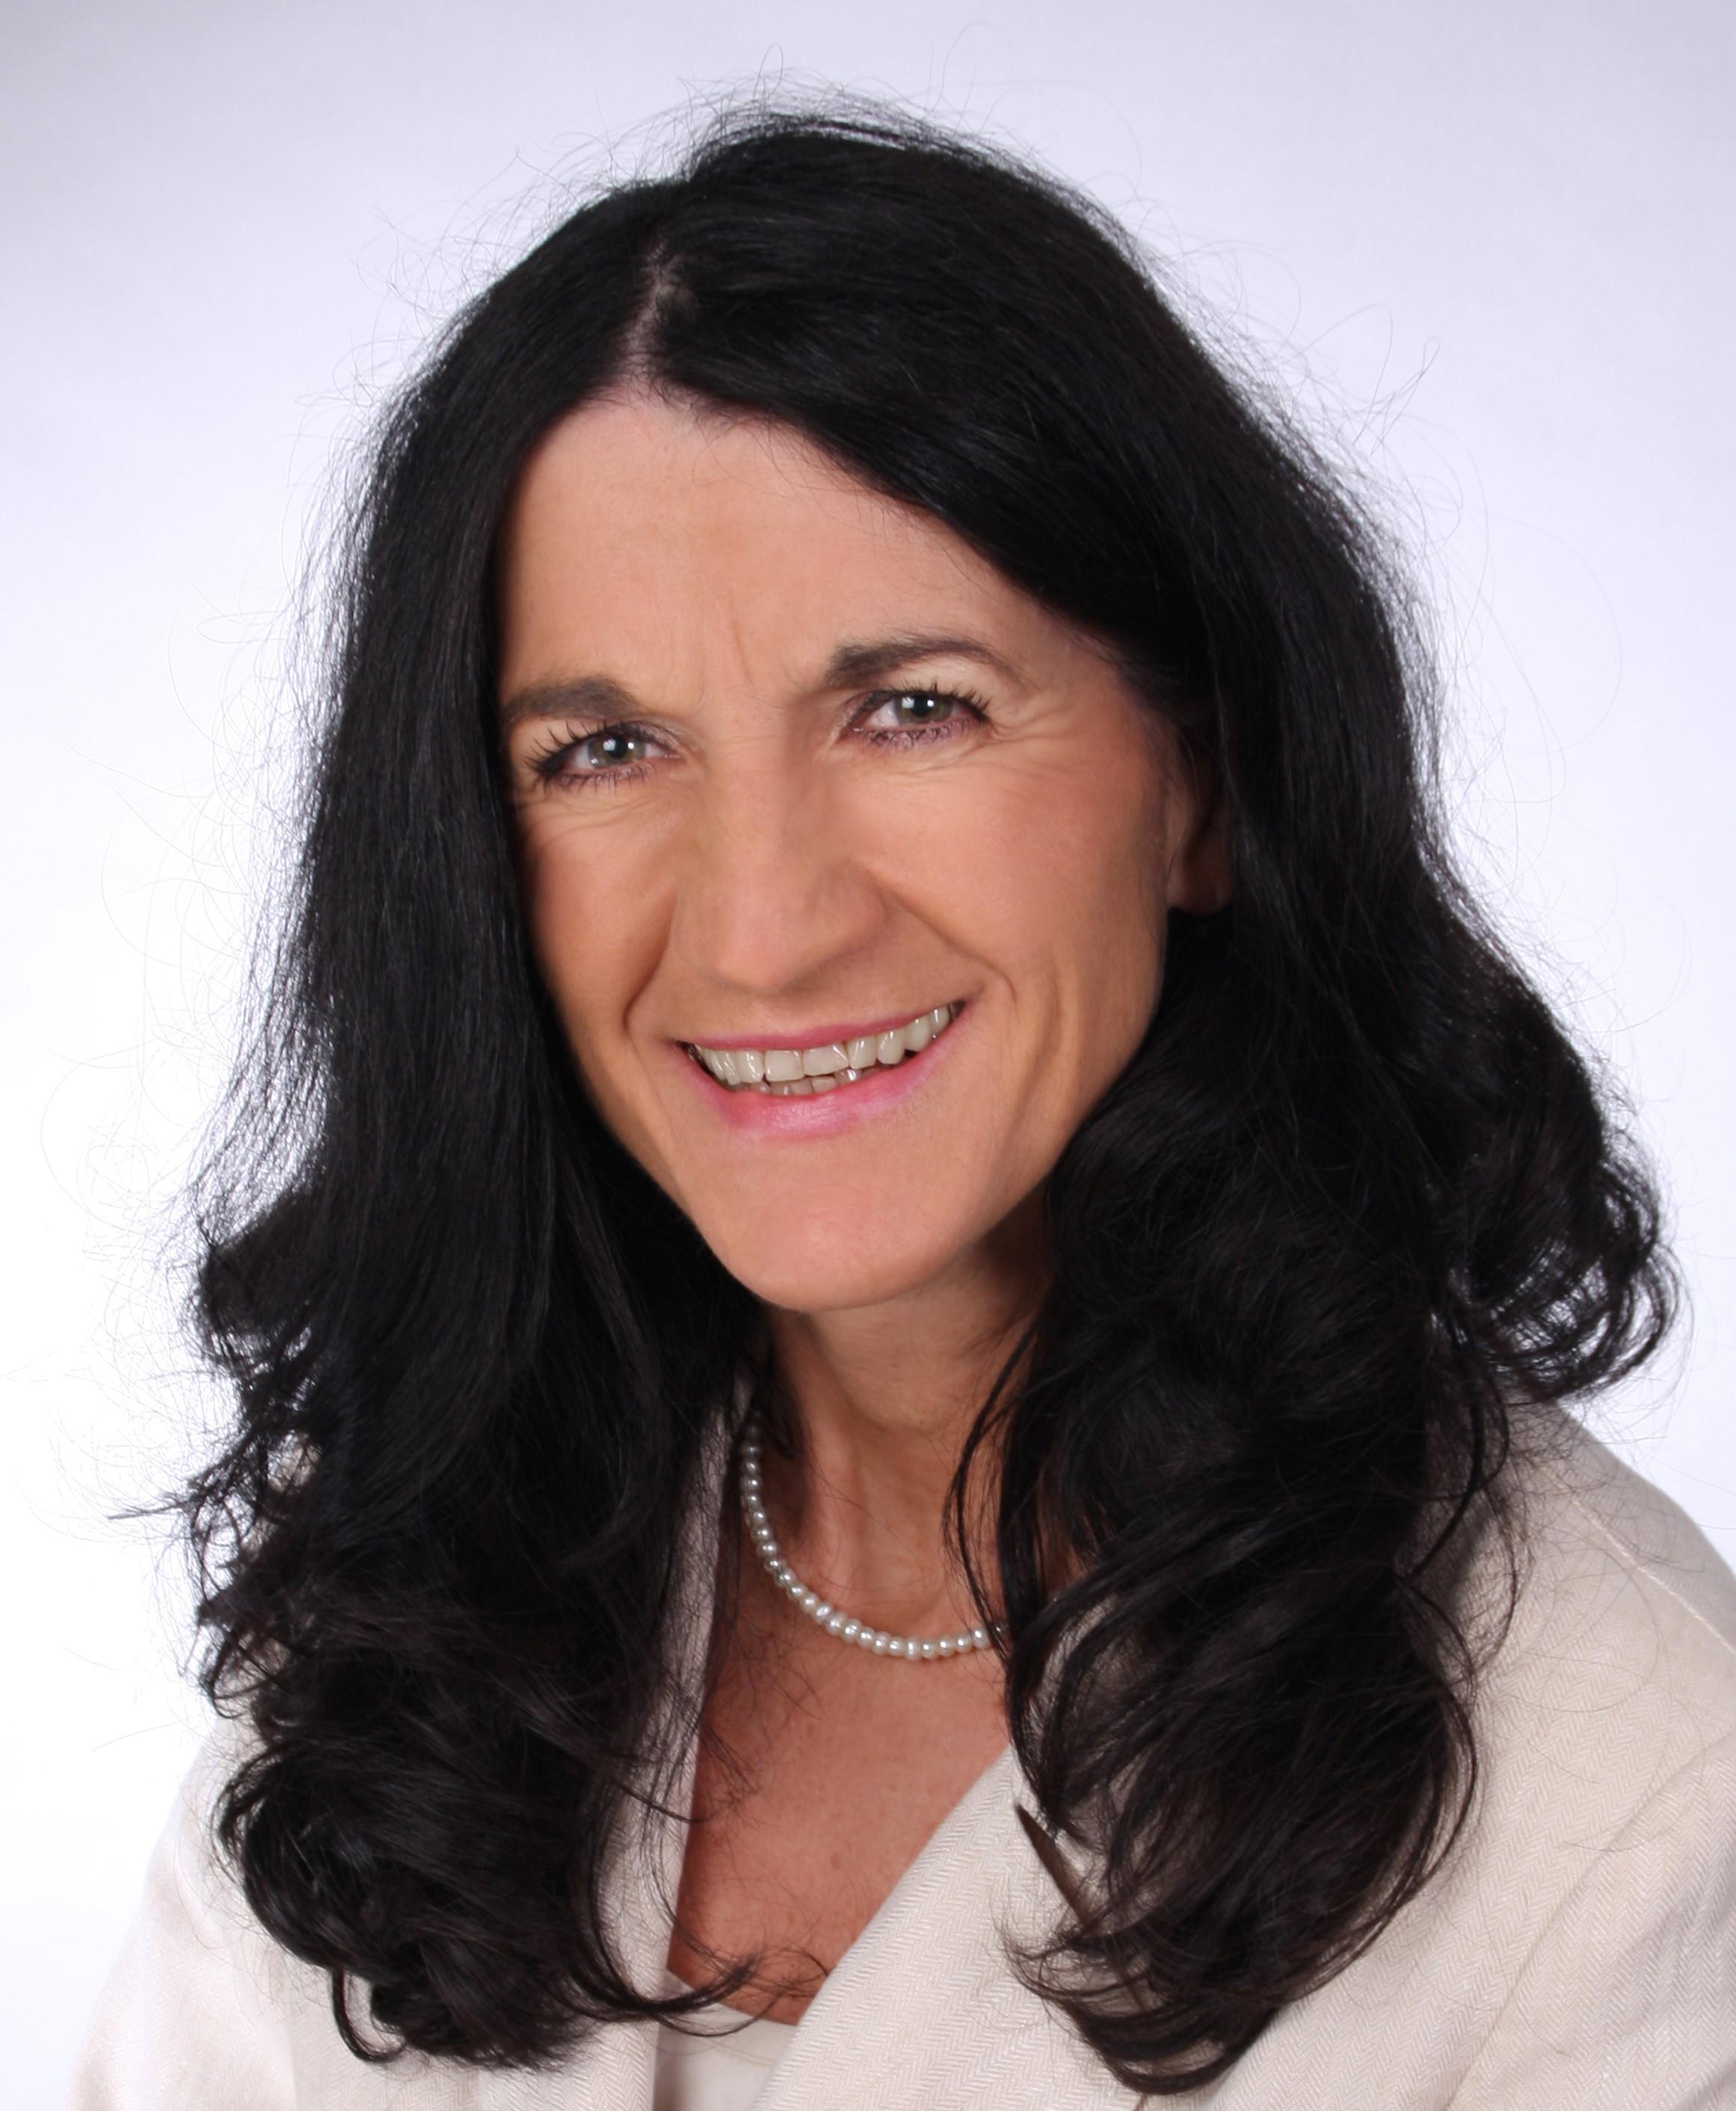 Andrea Schmidt jetzt Mitglied der GRÜNEN!